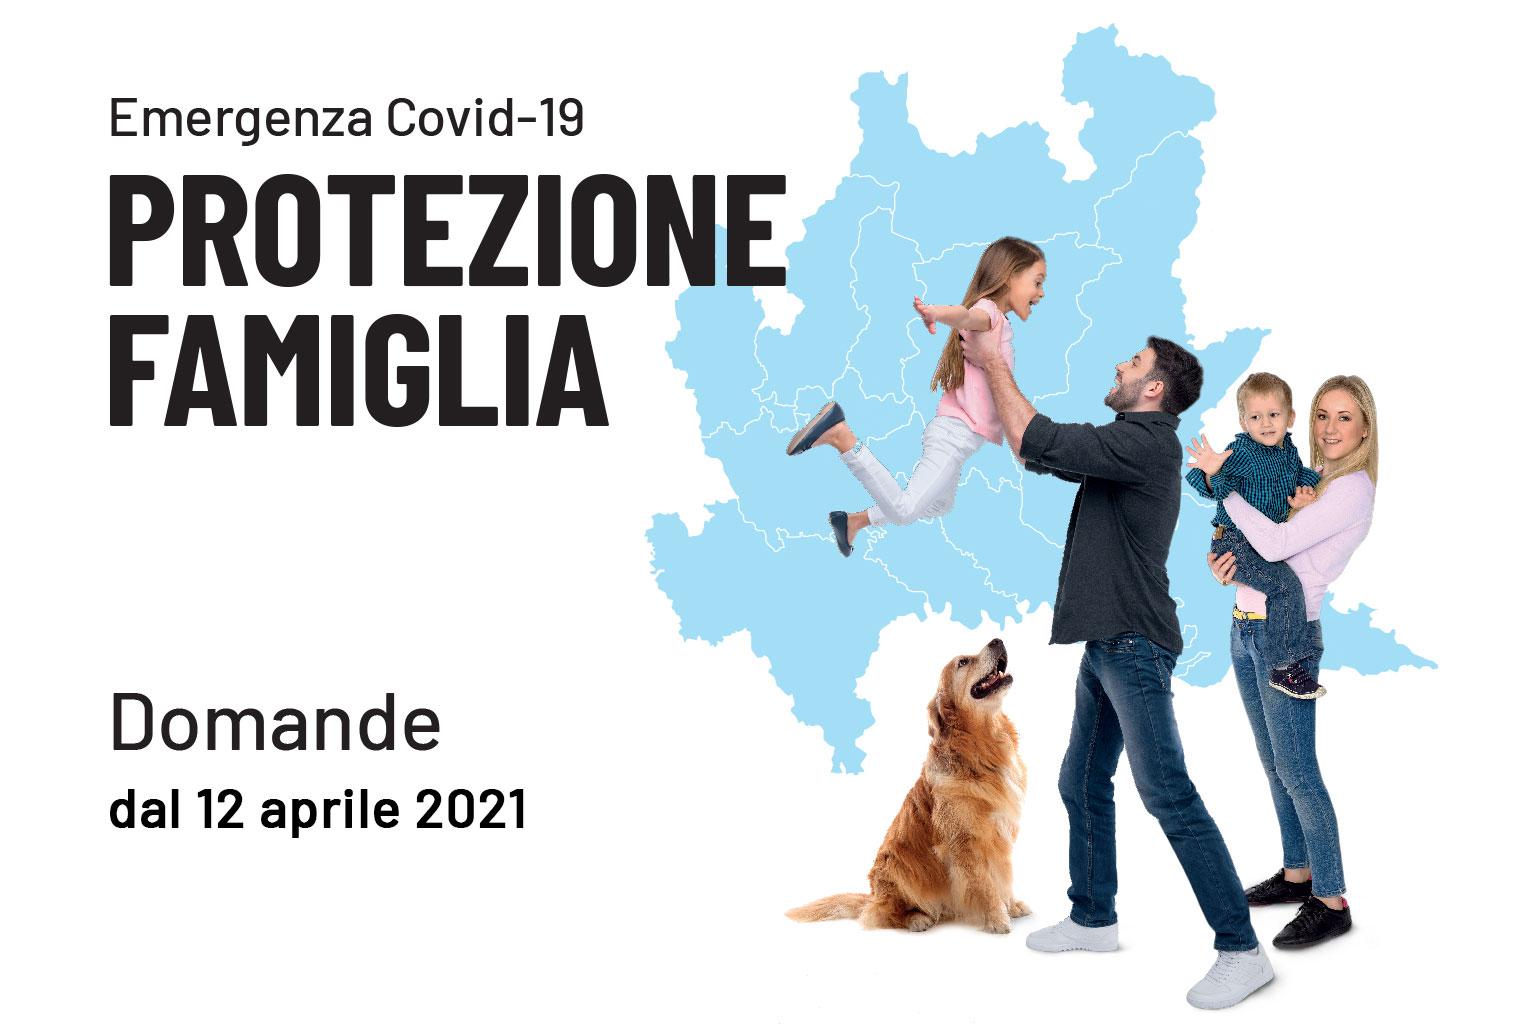 REGIONE LOMBARDIA : Emergenza Covid-19 CONTRIBUTO PROTEZIONE FAMIGLIA